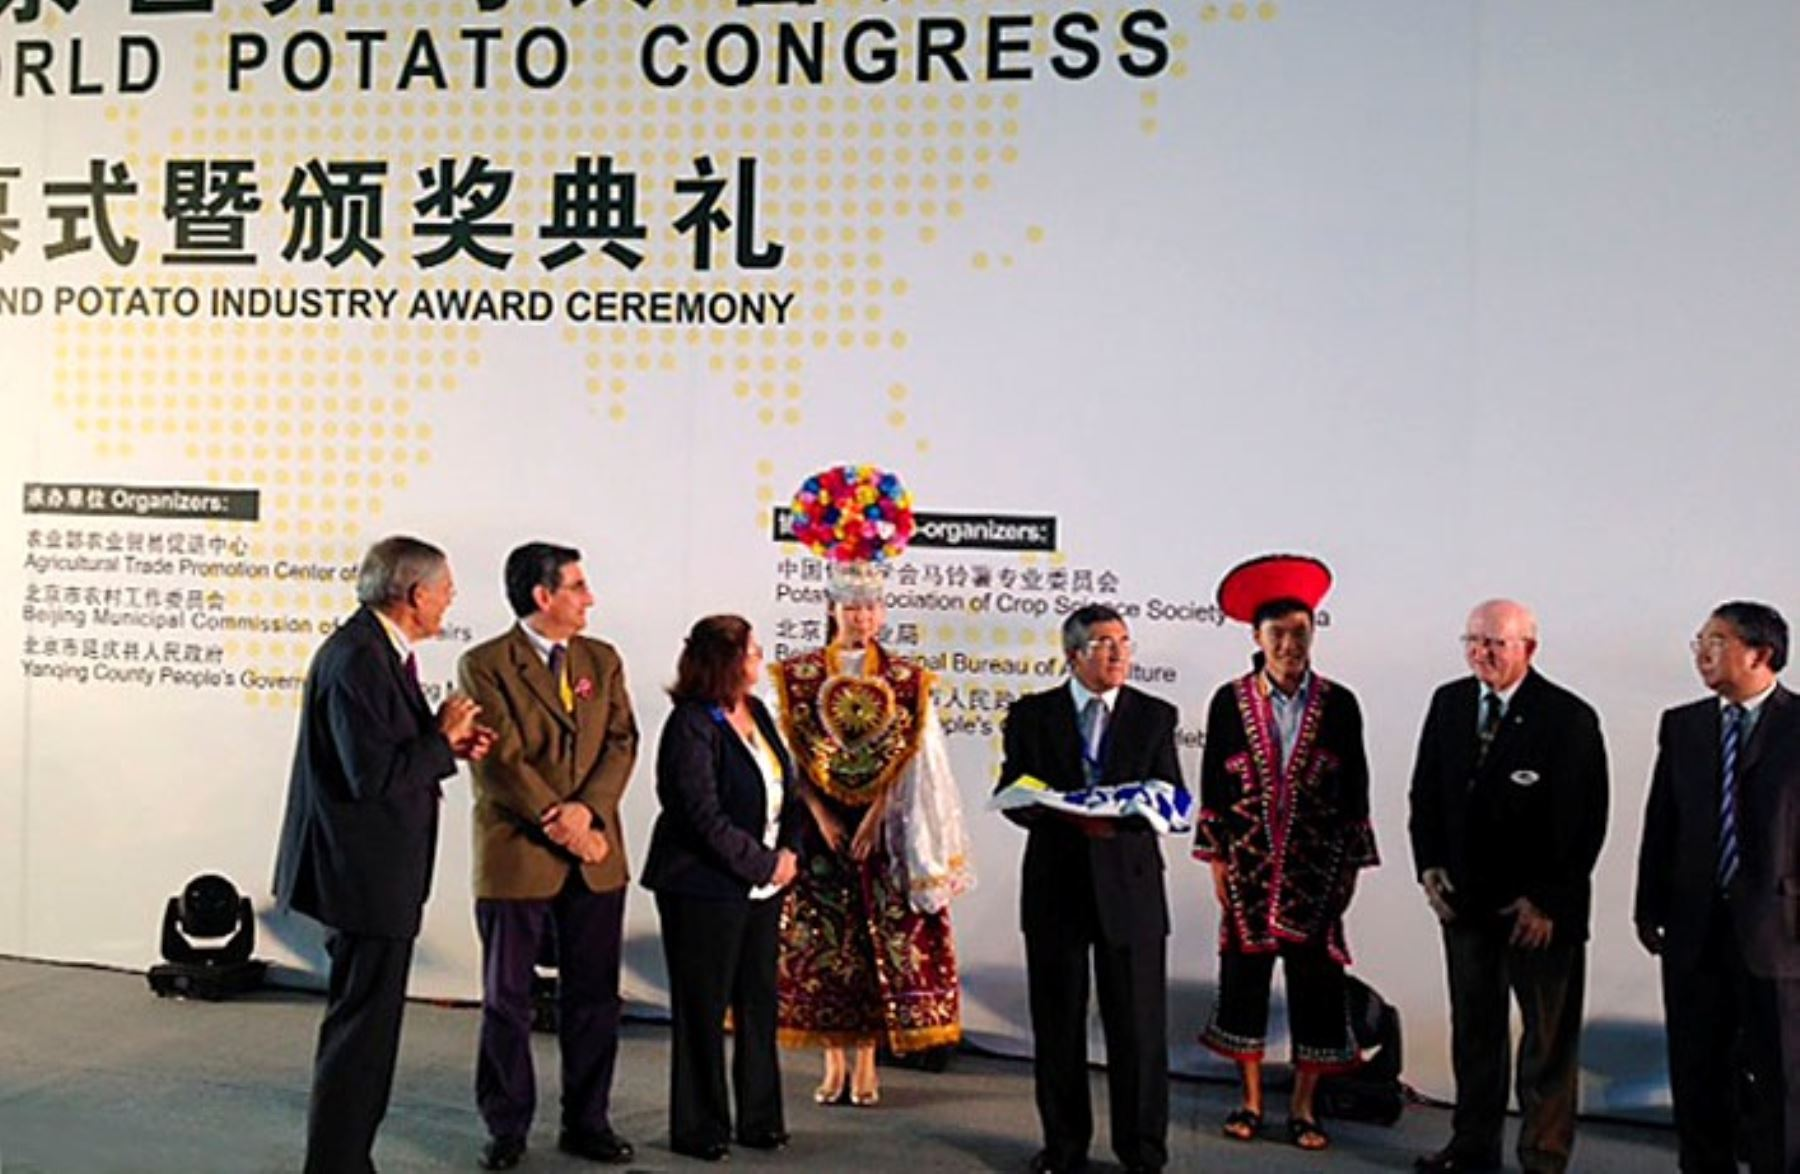 Perú recibe de manera oficial organización de X Congreso Mundial de la Papa en 2018. Foto: Minagri.